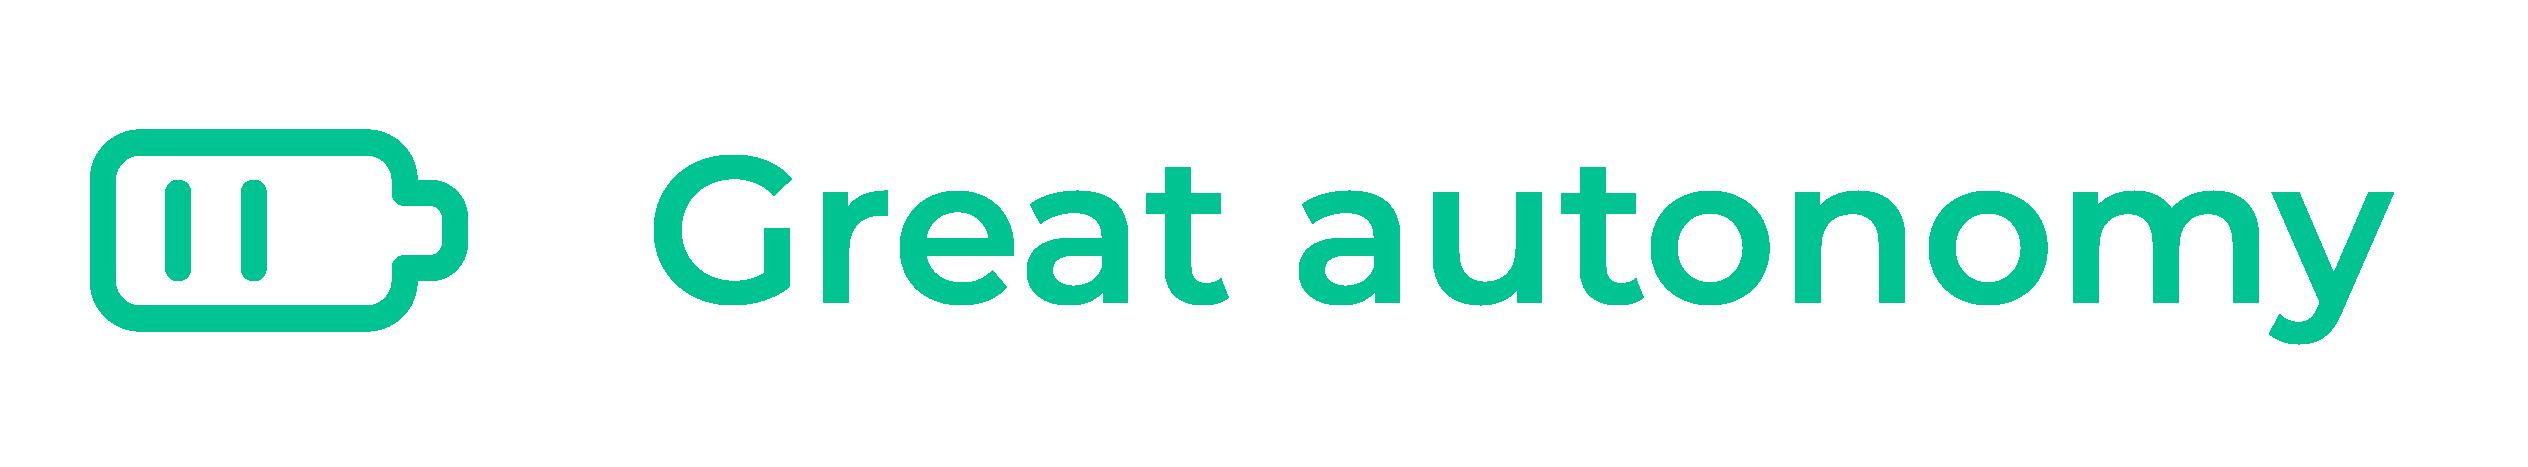 Great autonomy